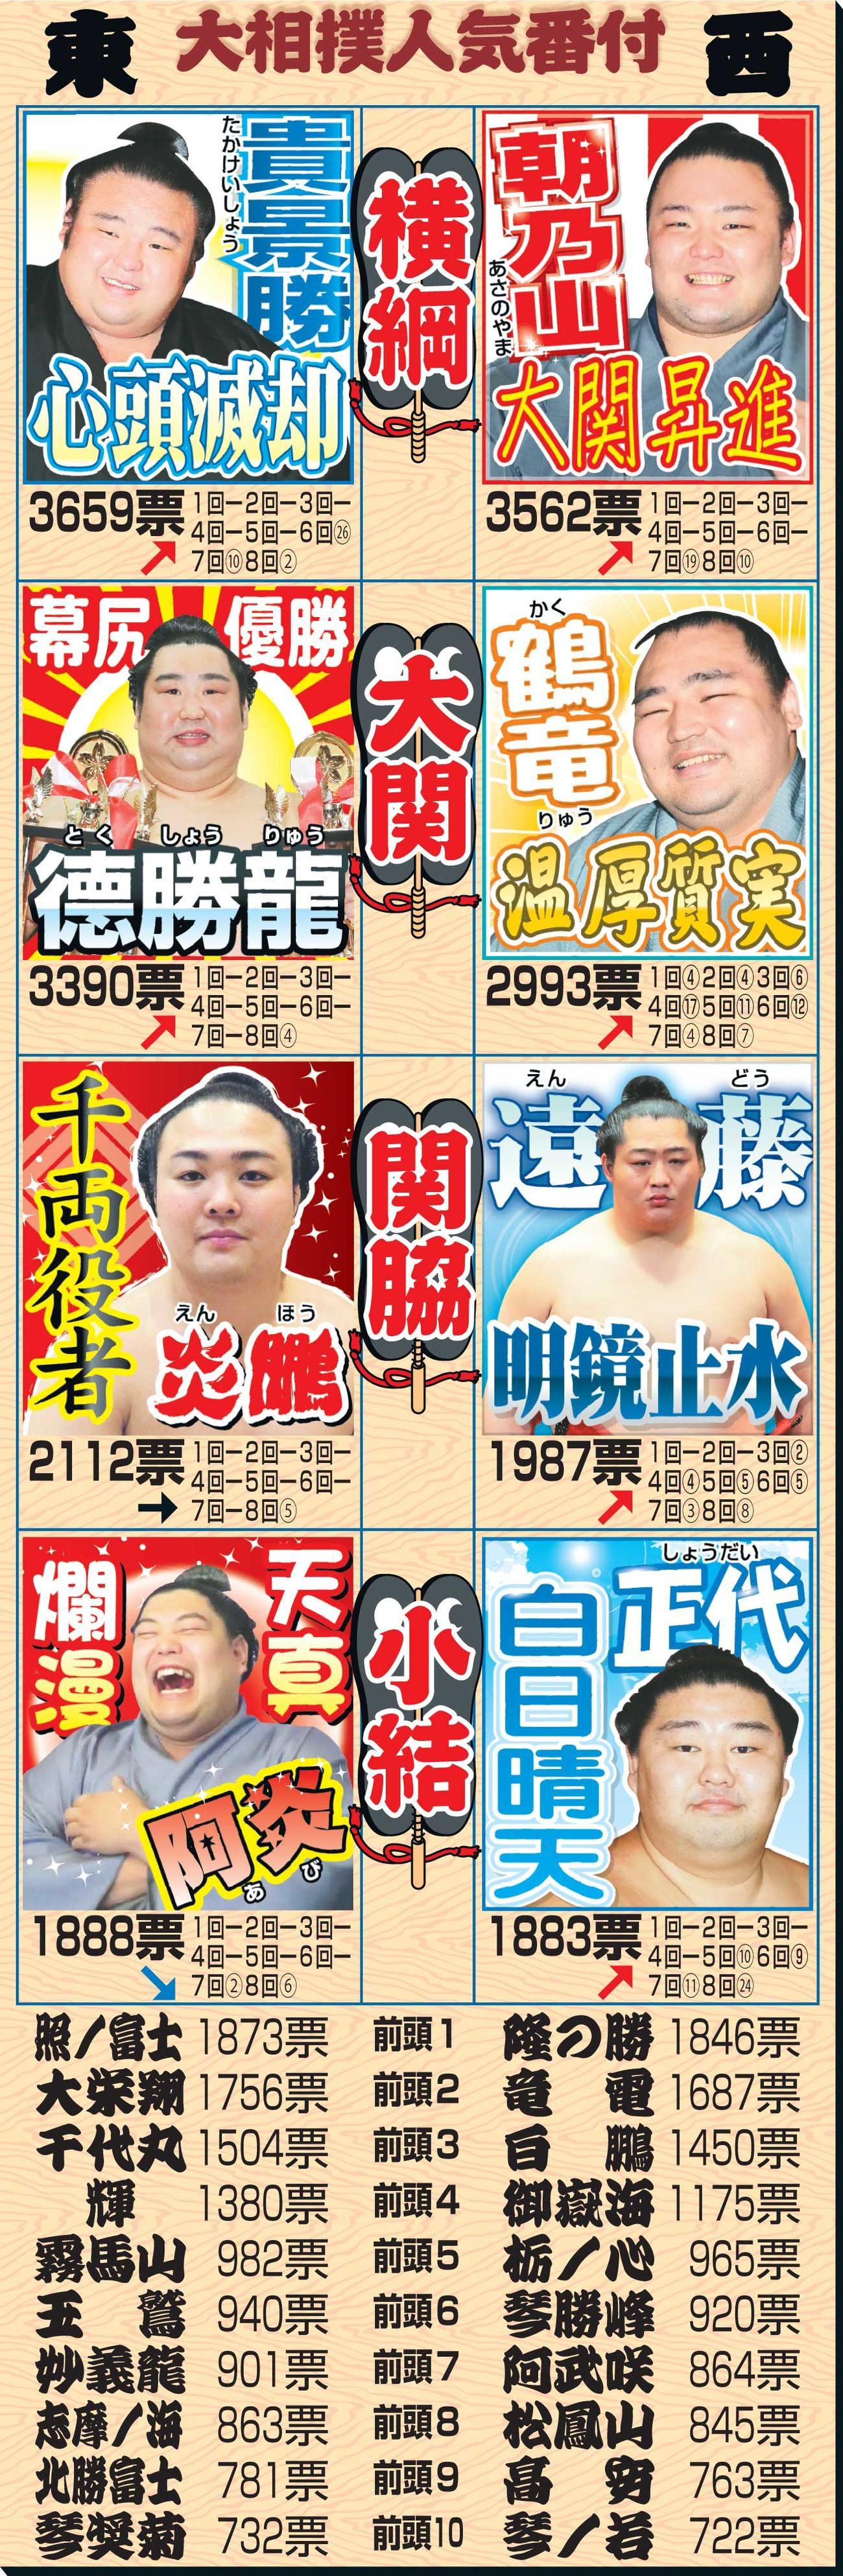 第9回大相撲総選挙の結果